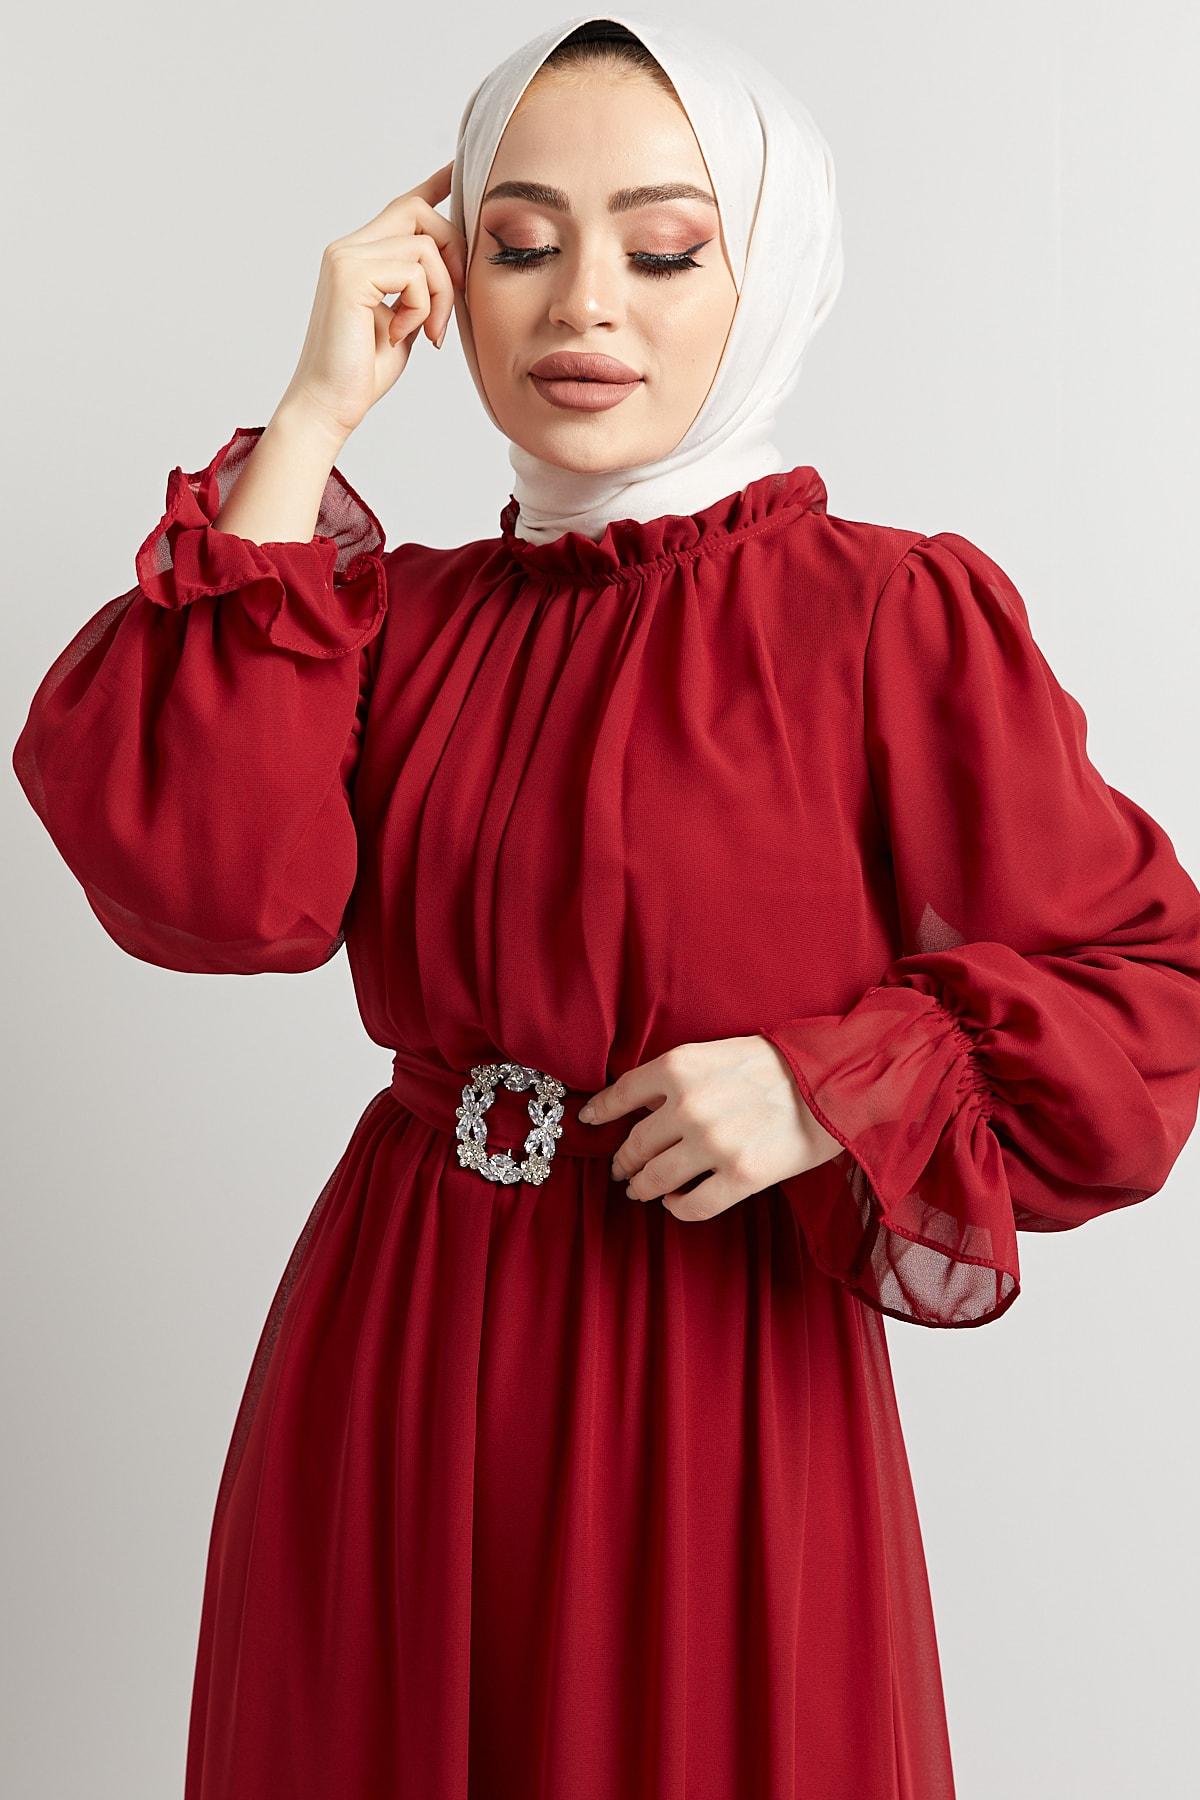 Kadın Komple Astarlı Çıkarıp Takılabilen Seyyar Taş Kemerli Abiye Elbise